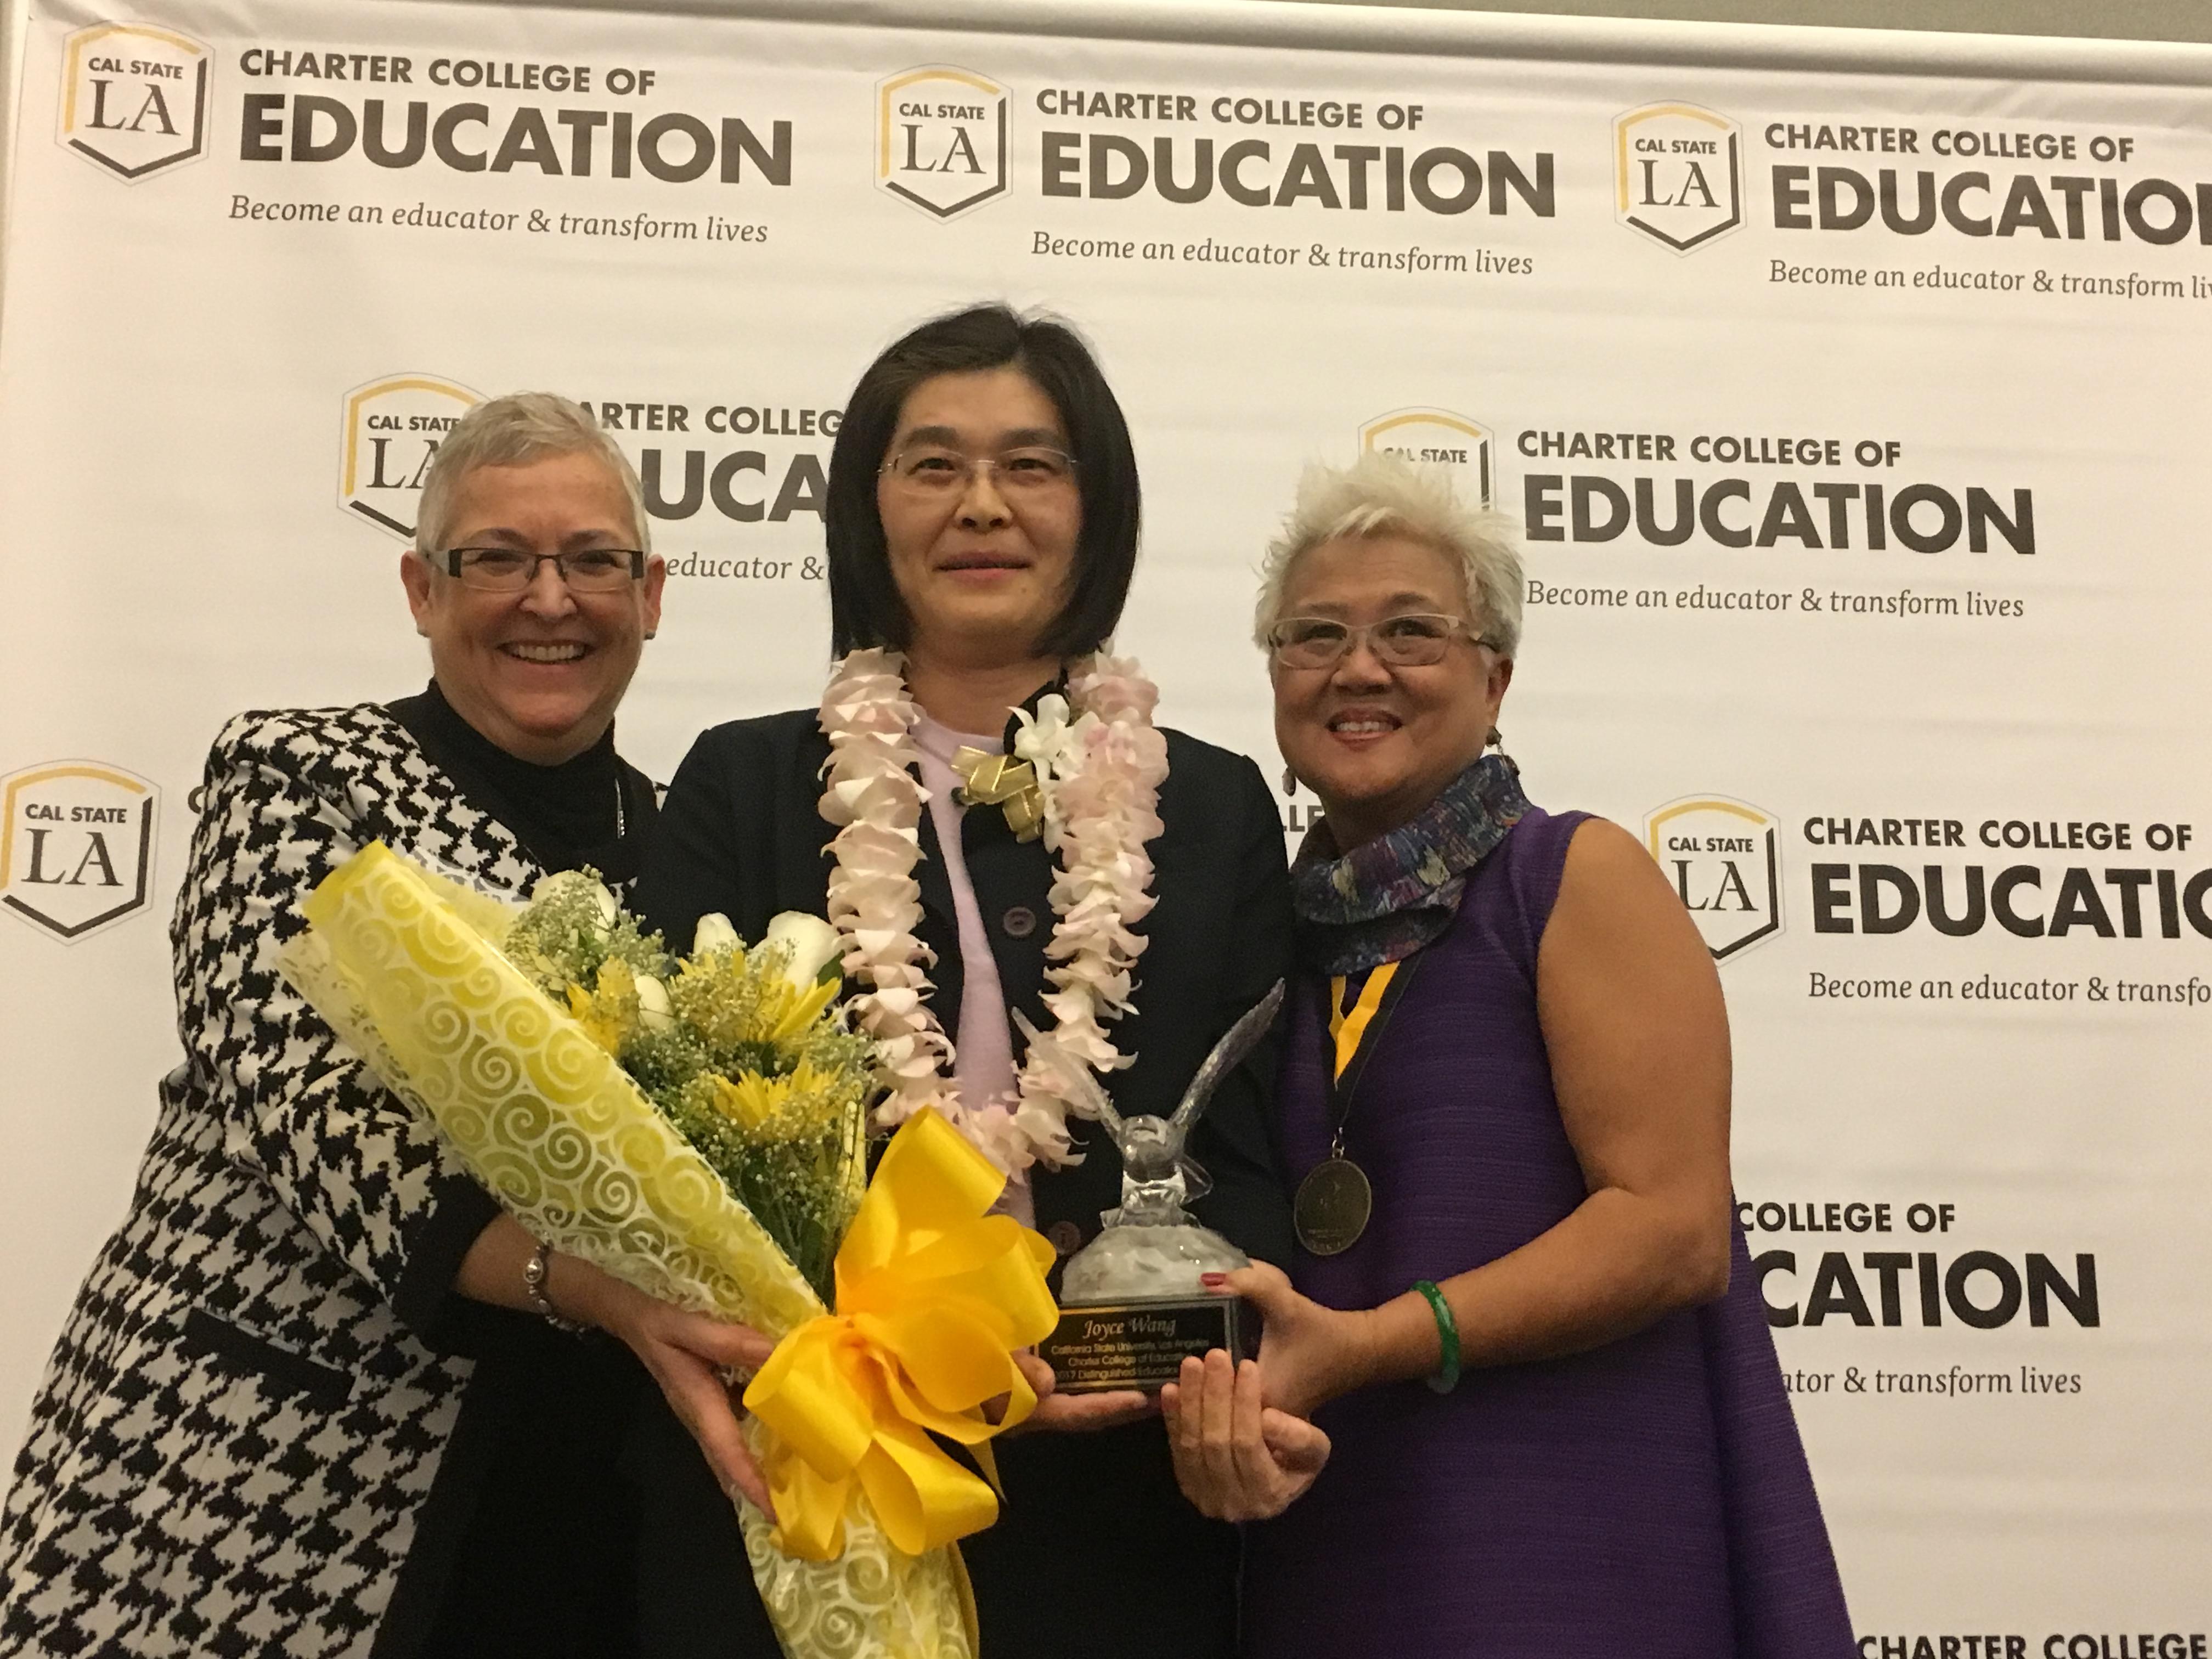 王乃珍(中間)被授予2017年年度傑出教育家獎。主辦方提供